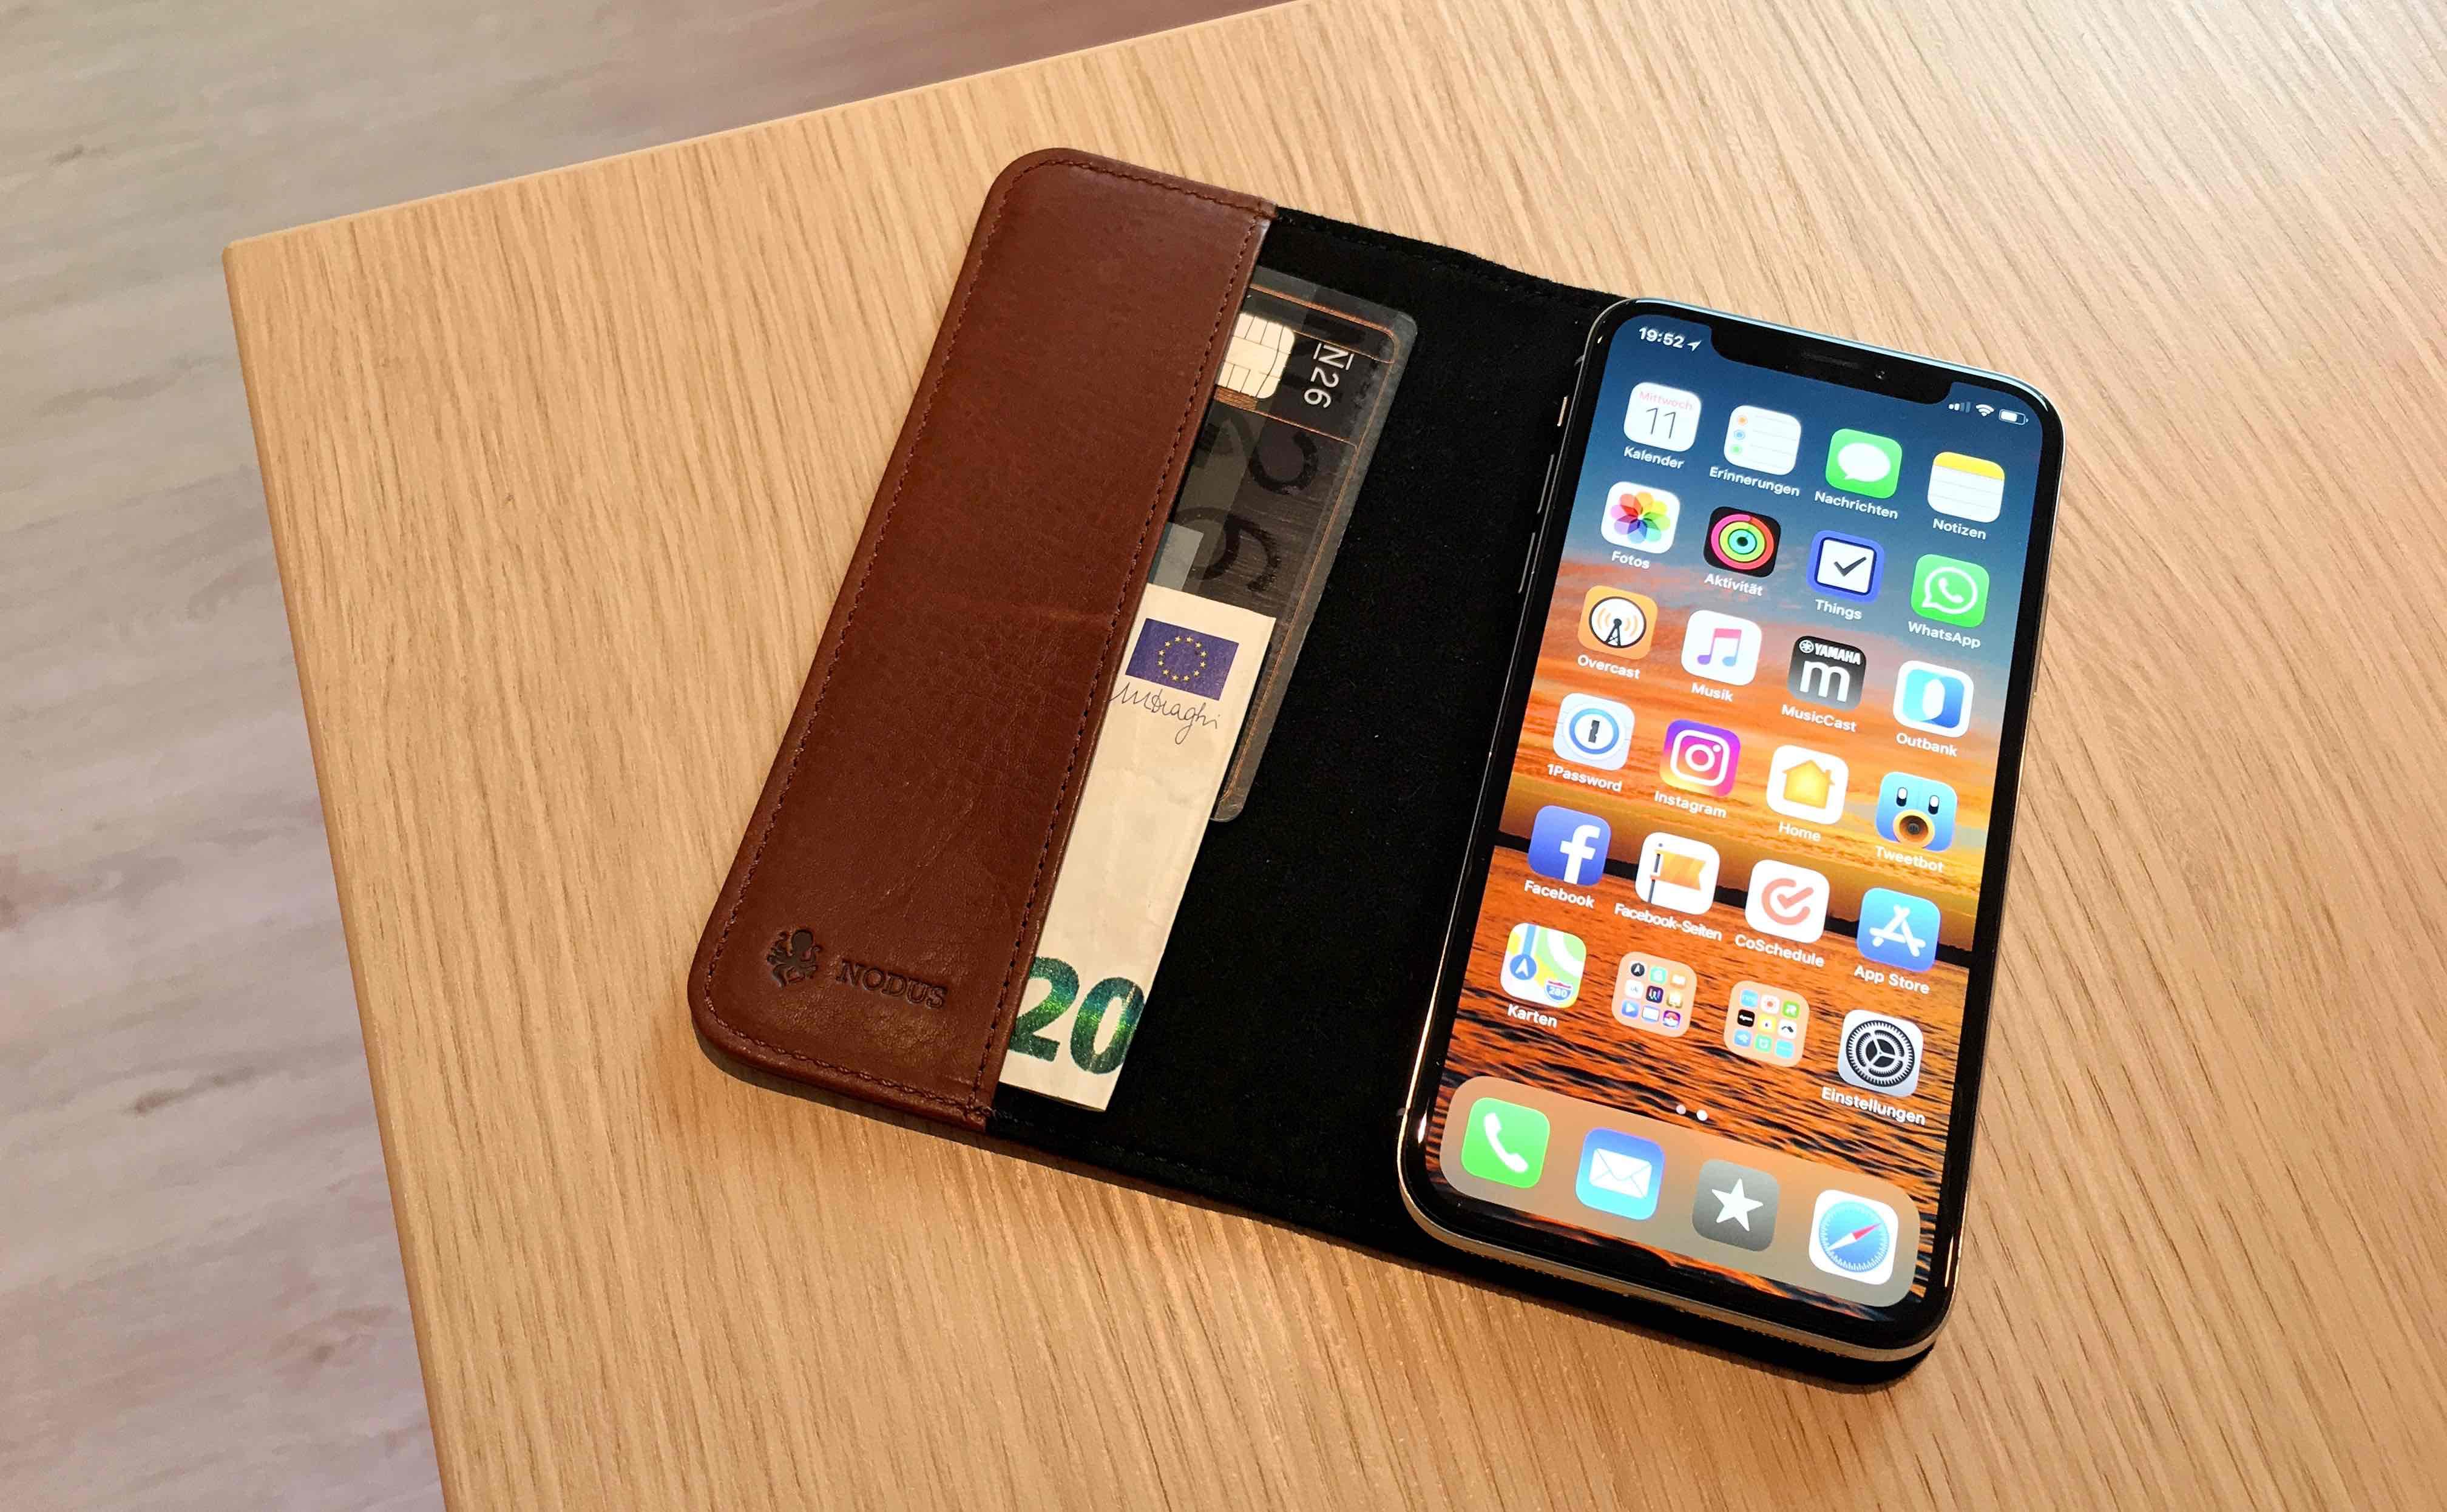 Nodus_Ledercase_Artikelbilder_Review3 Im Test:  Access Case III für iPhone X von Nodus - das edle Echtledercase mit Aufstellfunktion